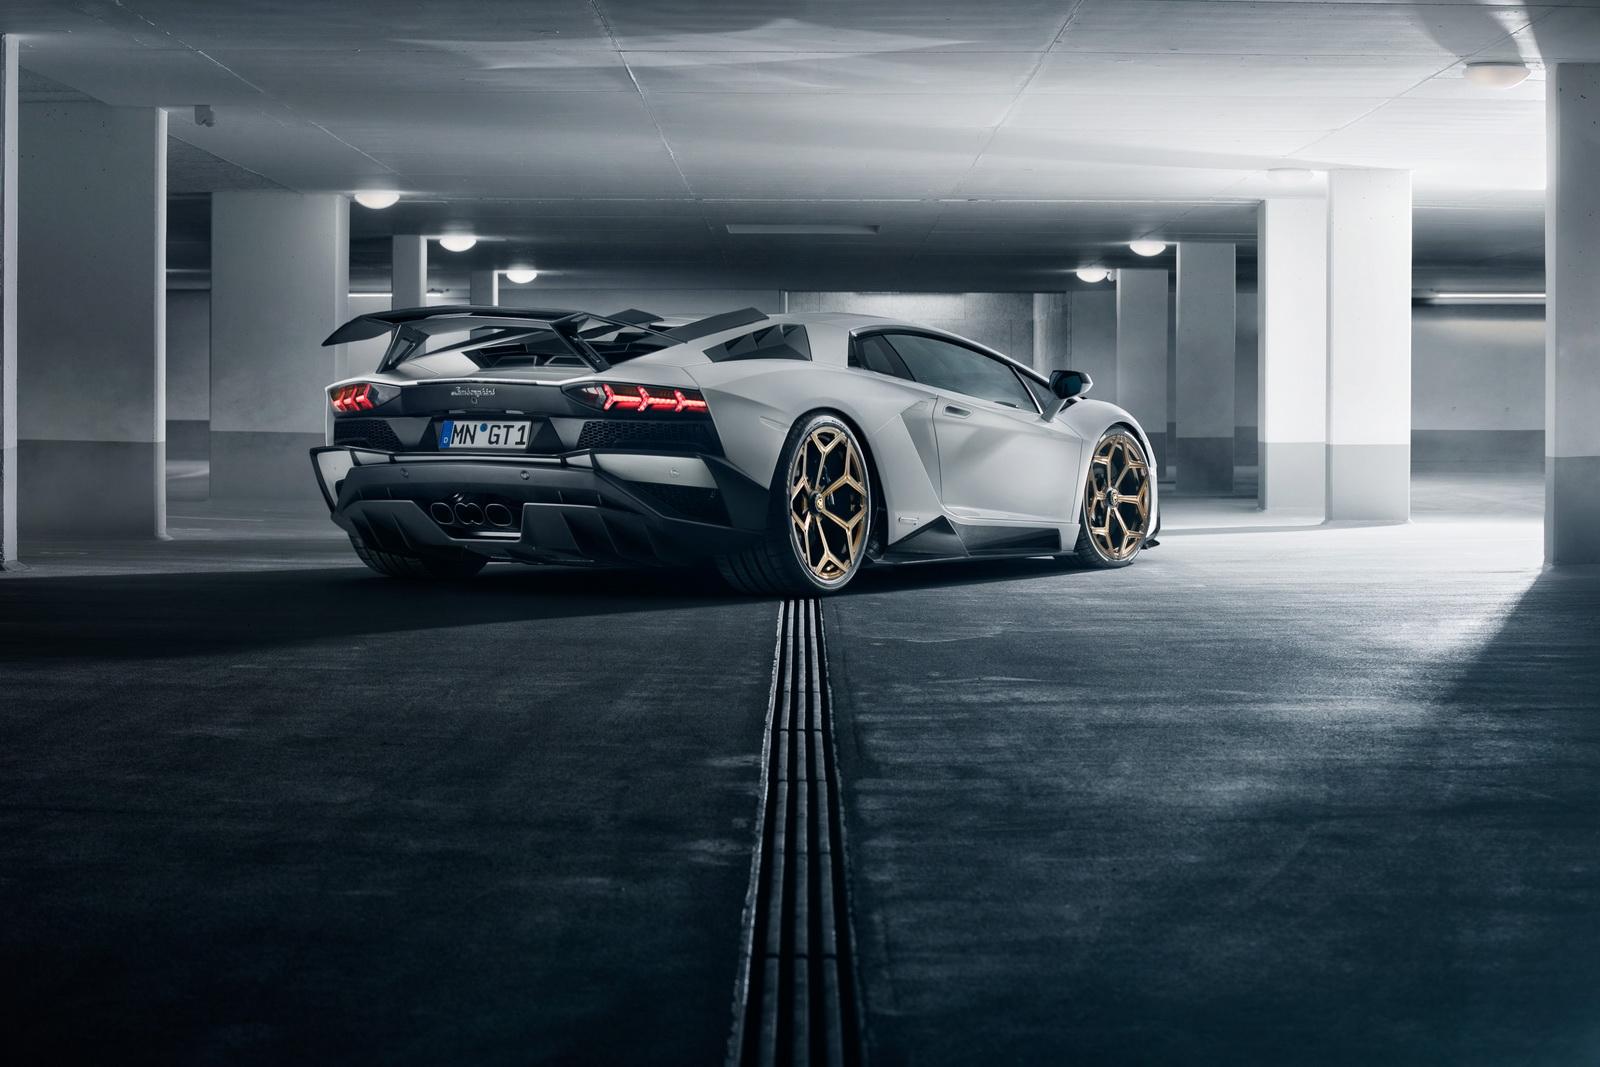 Lamborghini_Aventador_S_by_Novitec_0001